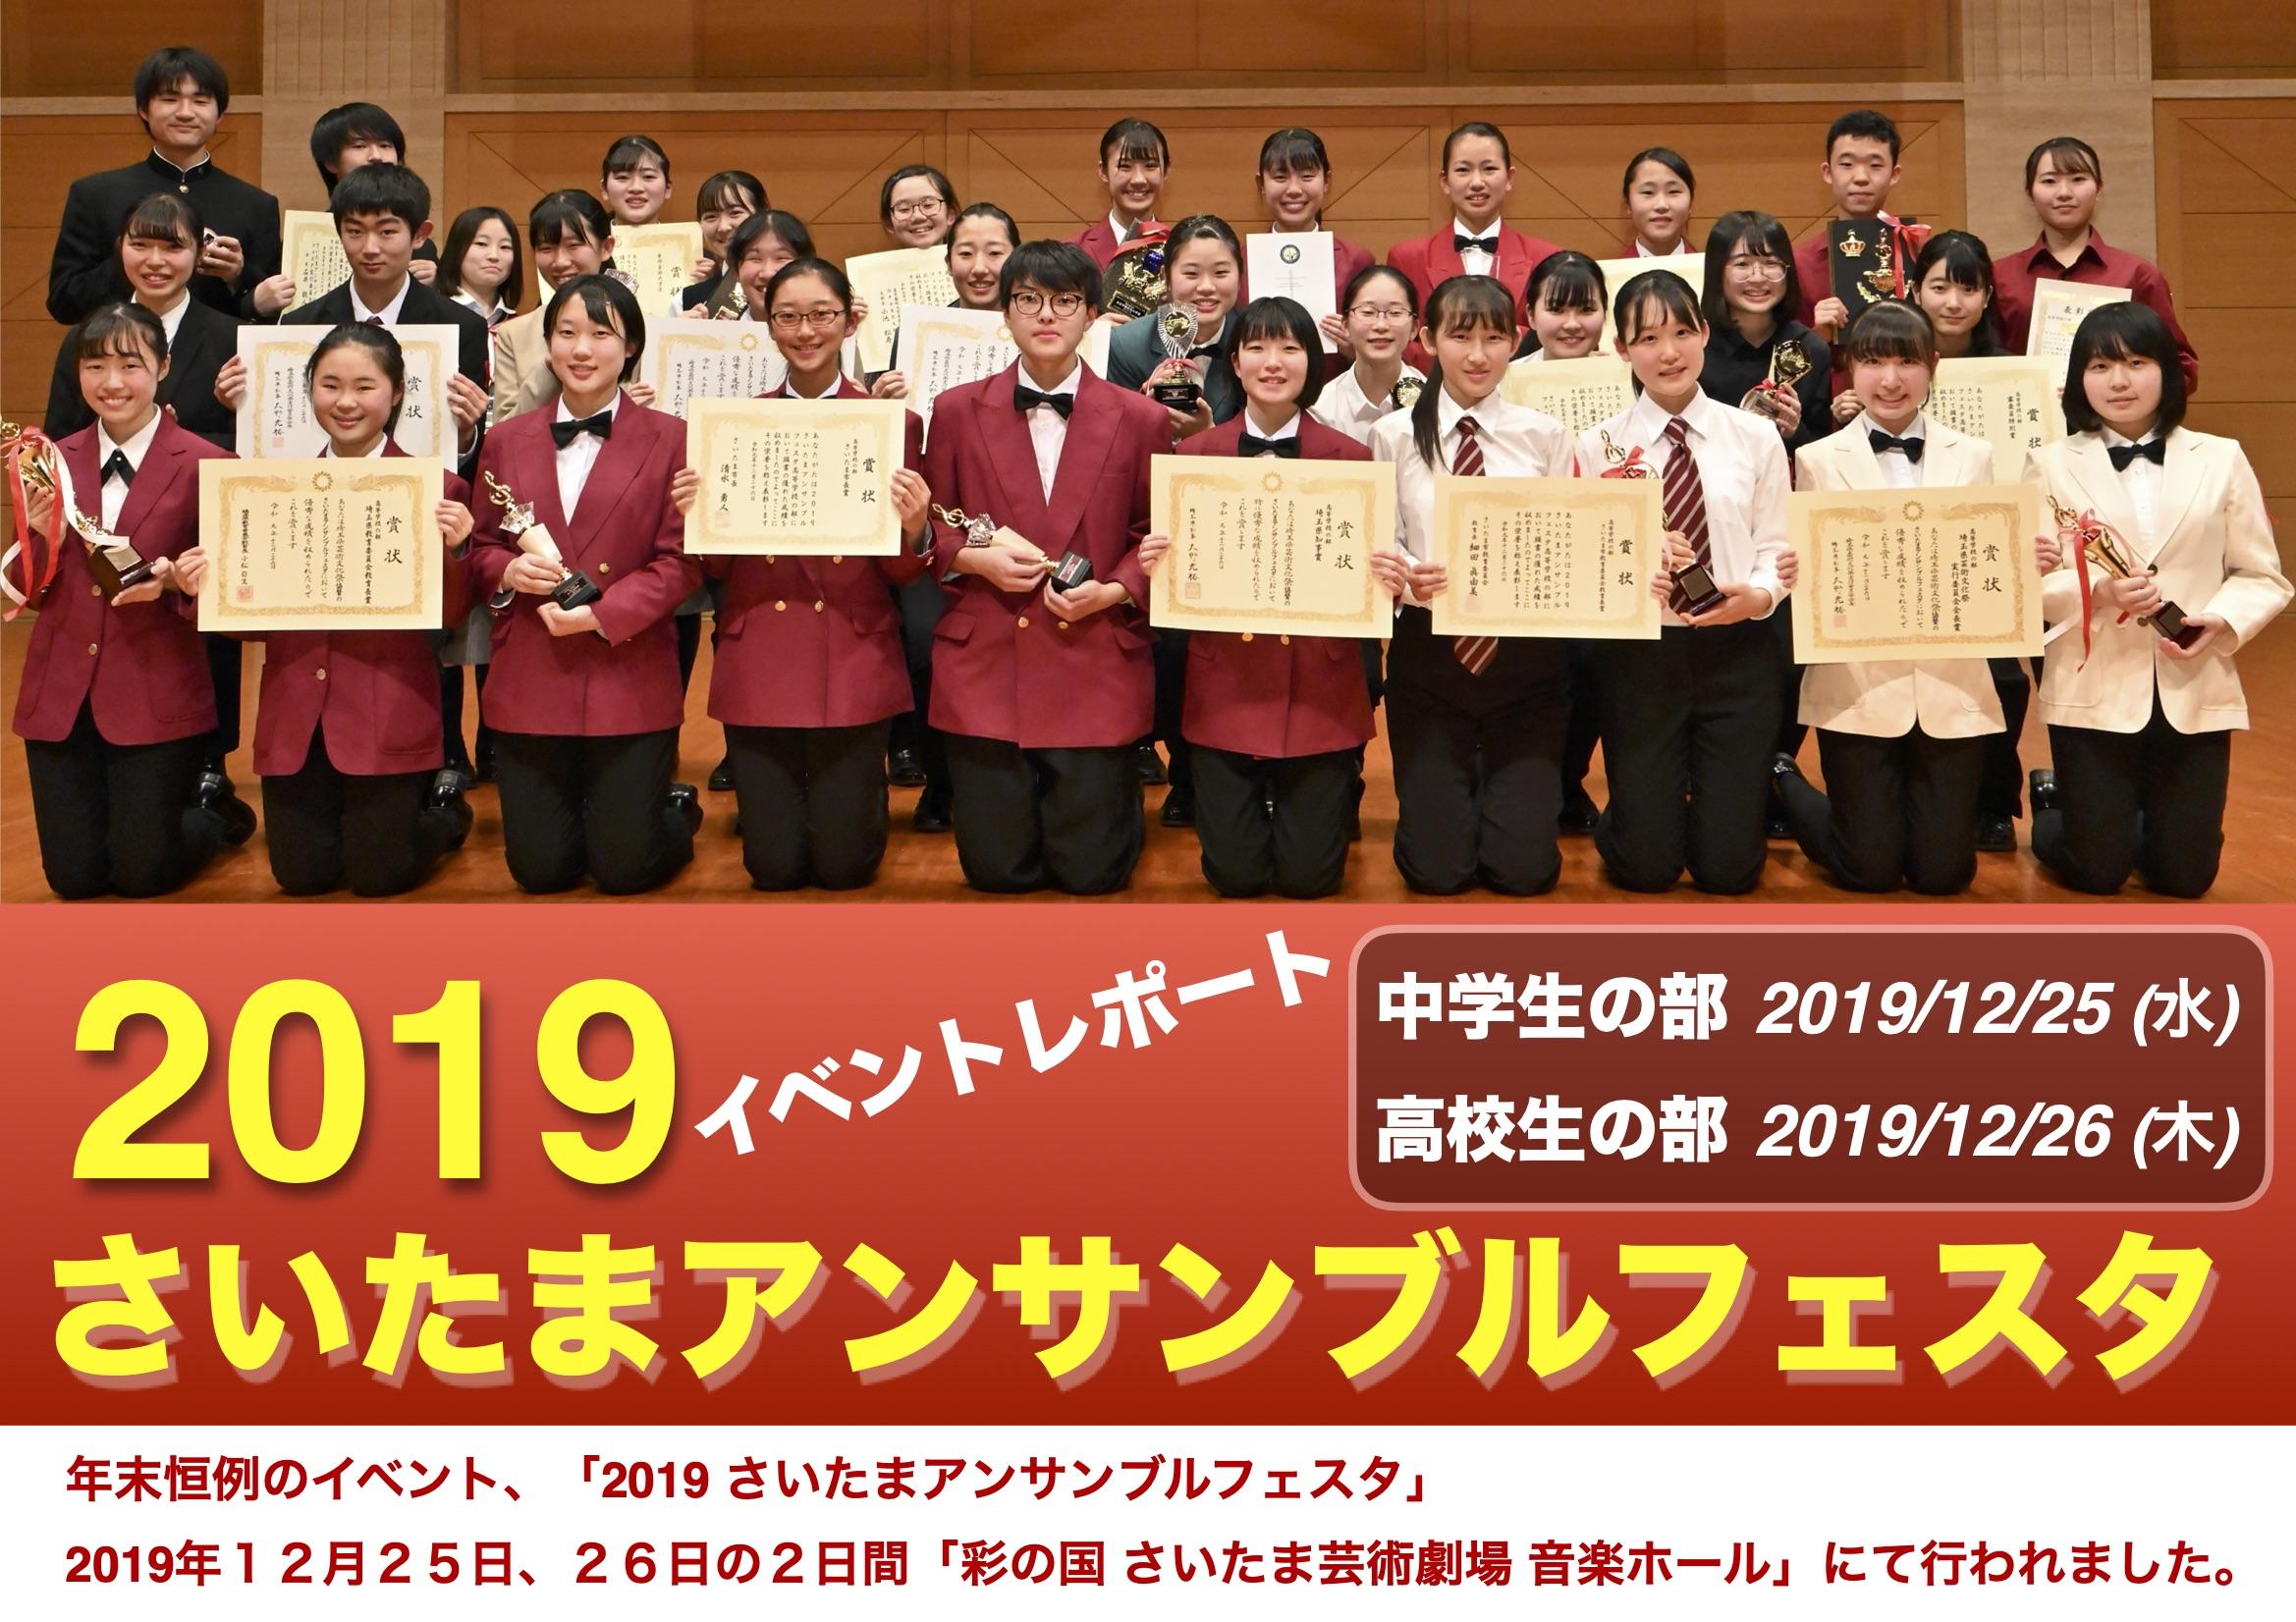 2020 アンサンブル 埼玉 コンテスト